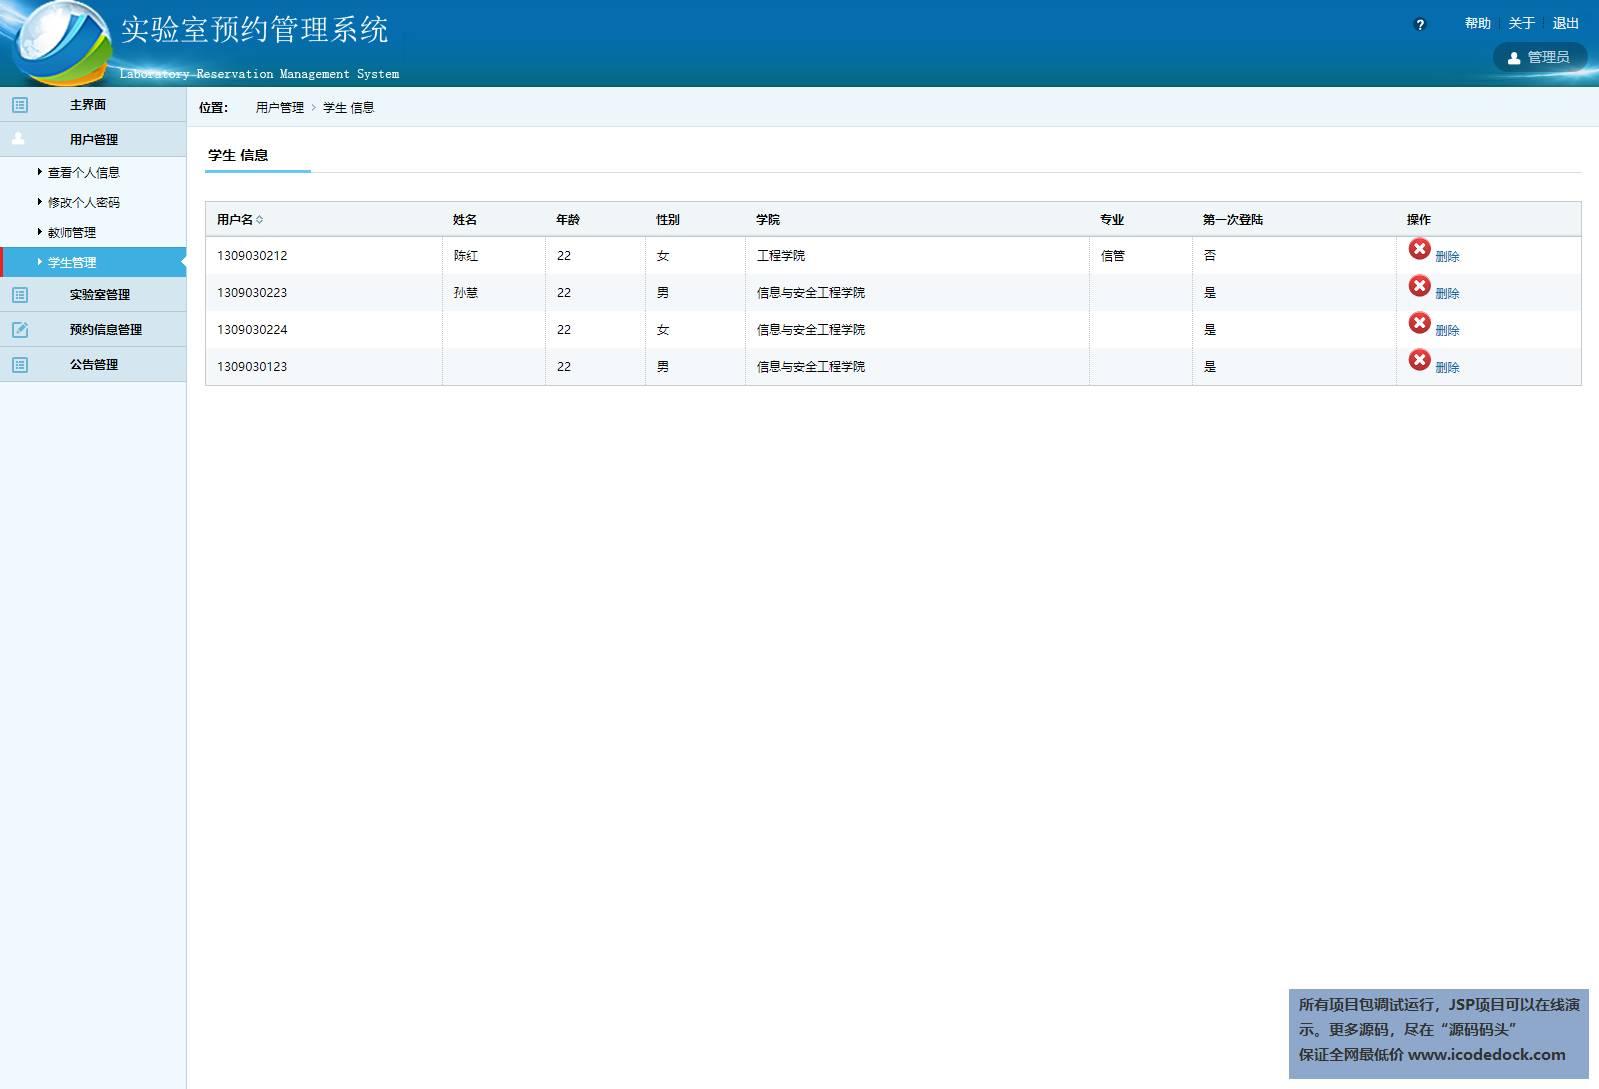 源码码头-SSH实验室预约管理系统-管理员角色-查看管理学士